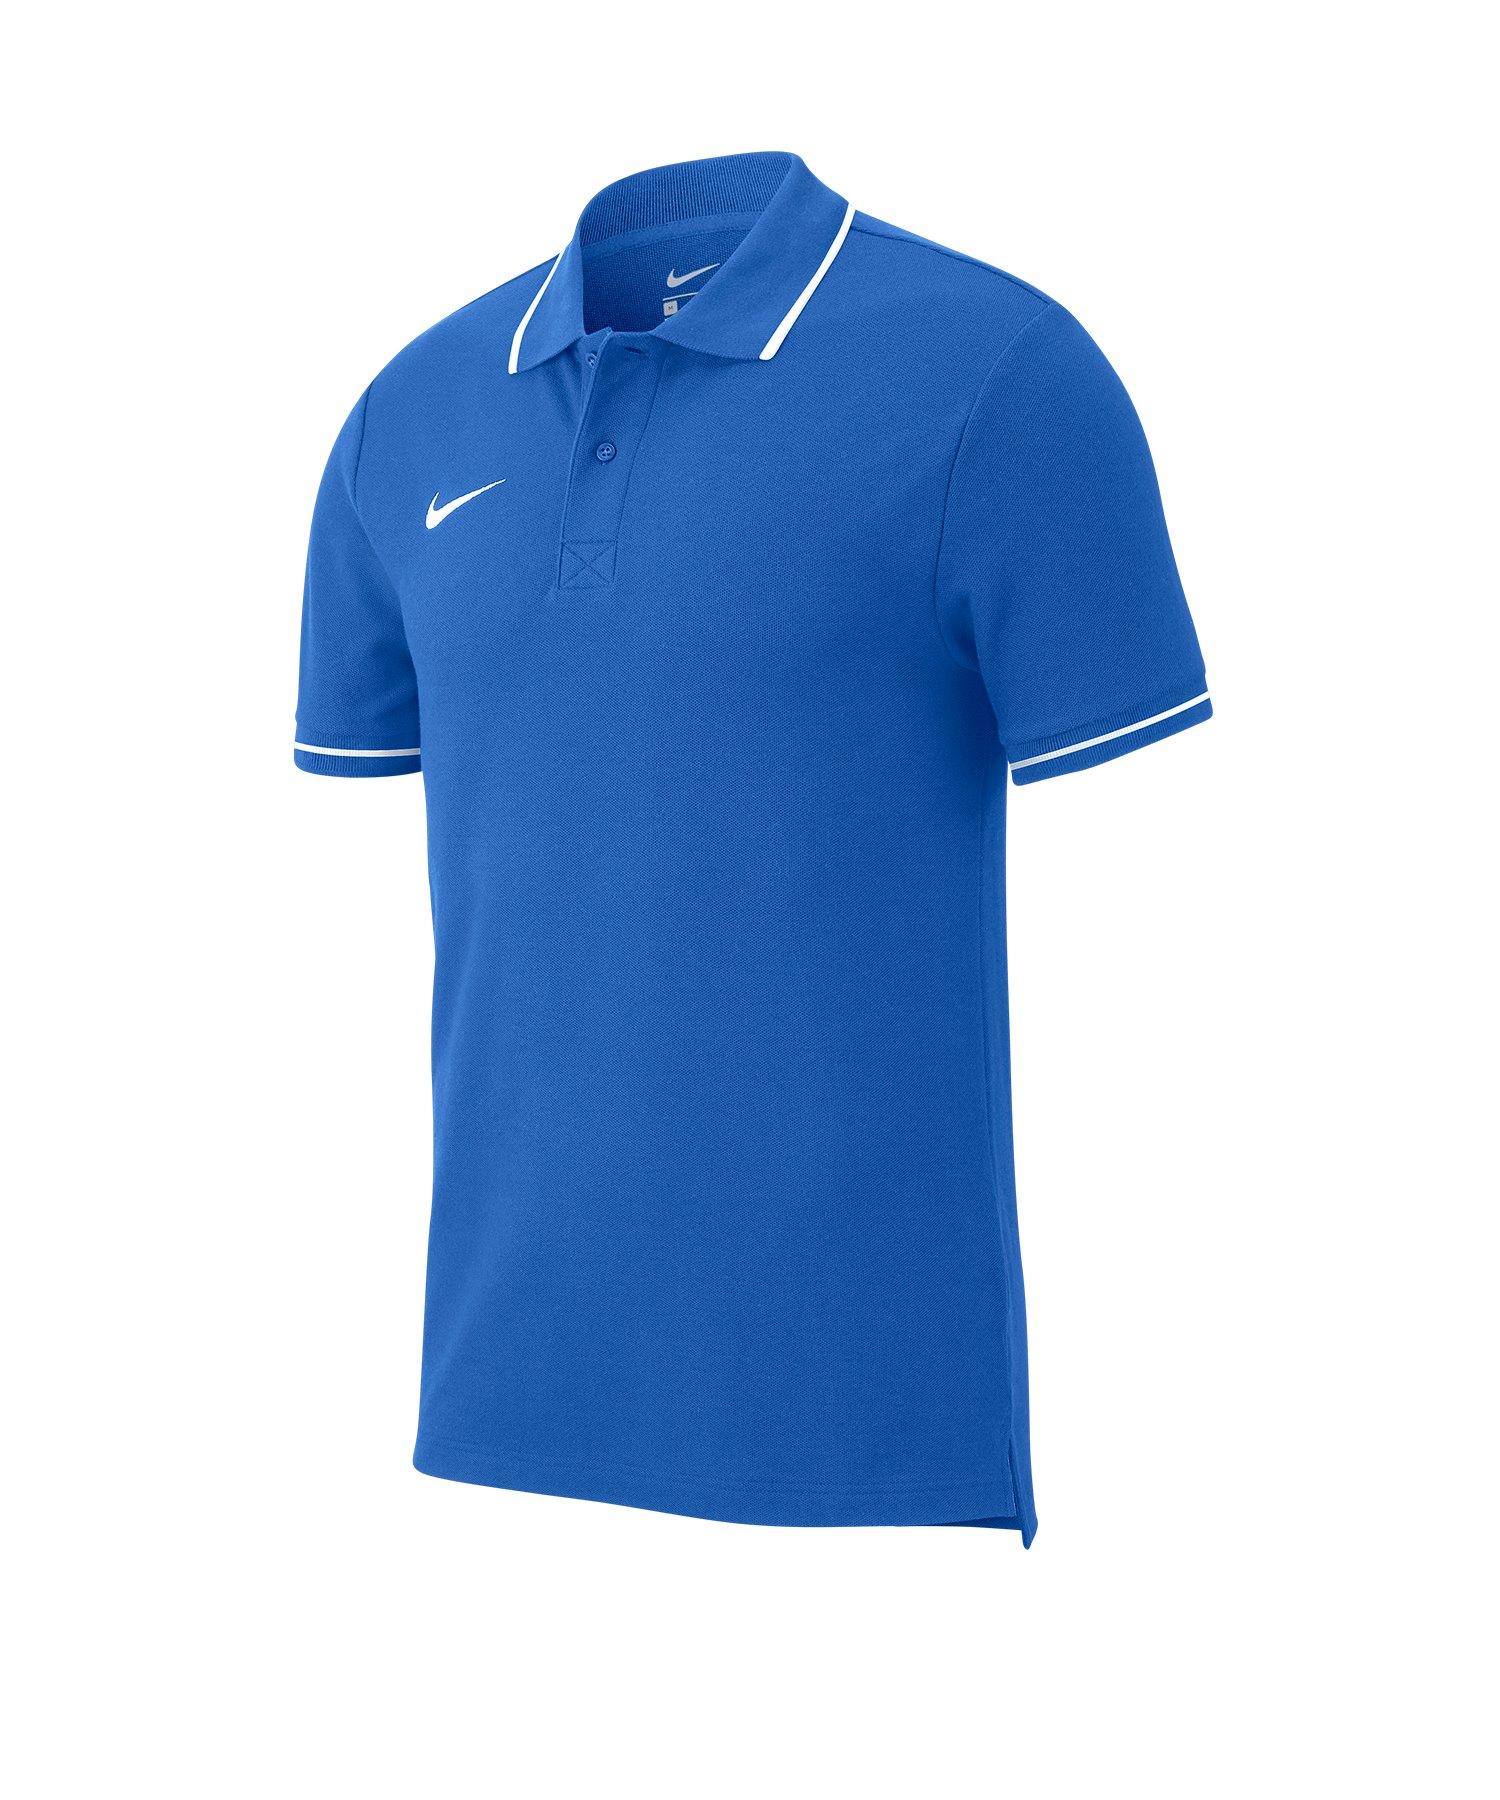 Nike Club 19 Poloshirt Kids Blau F463 - blau